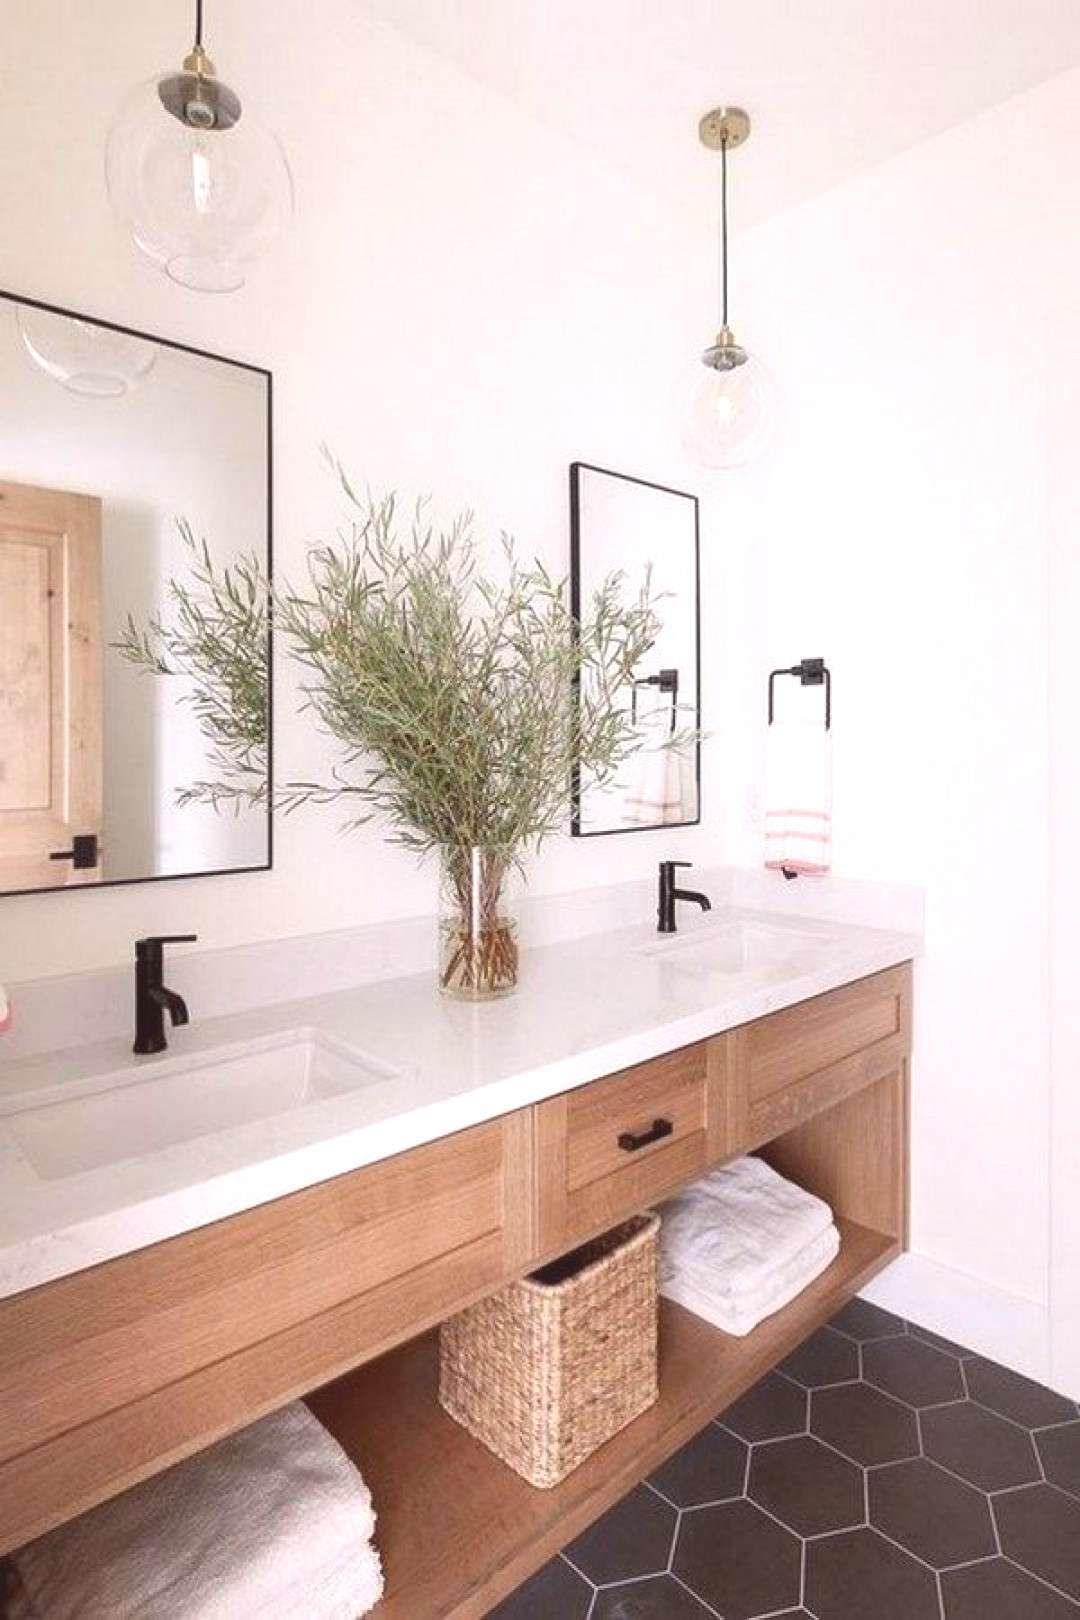 29+ Salle de bain decoration photo trends